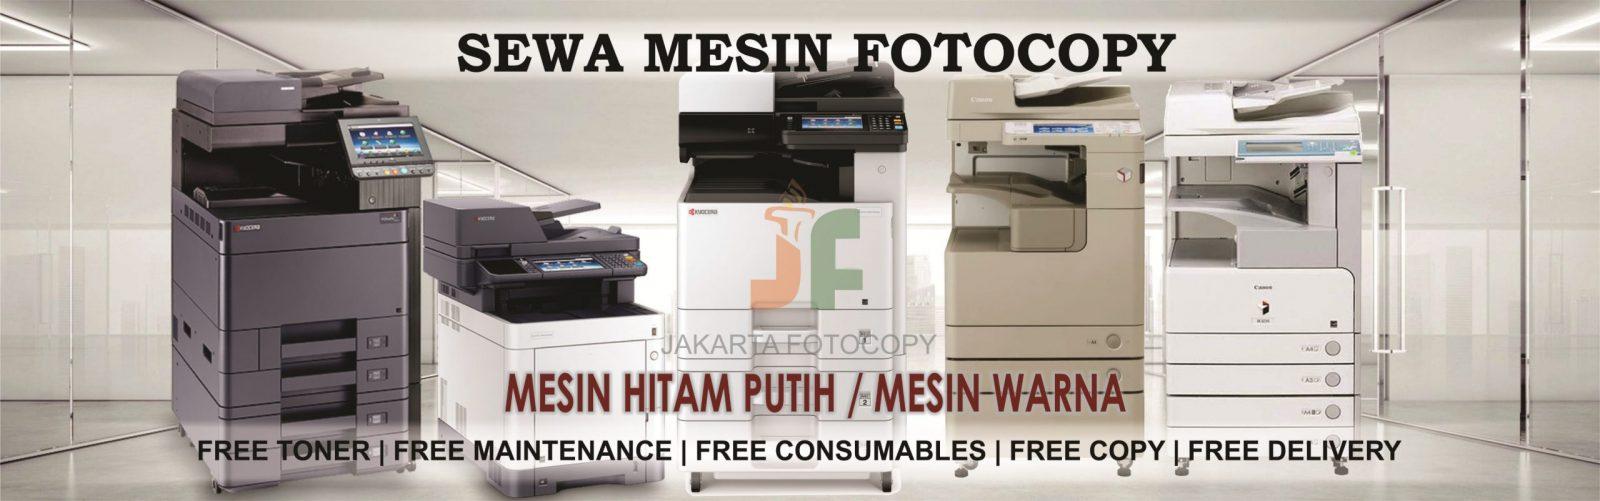 cropped-sewa-mesin-fotocopy-scaled-1.jpg